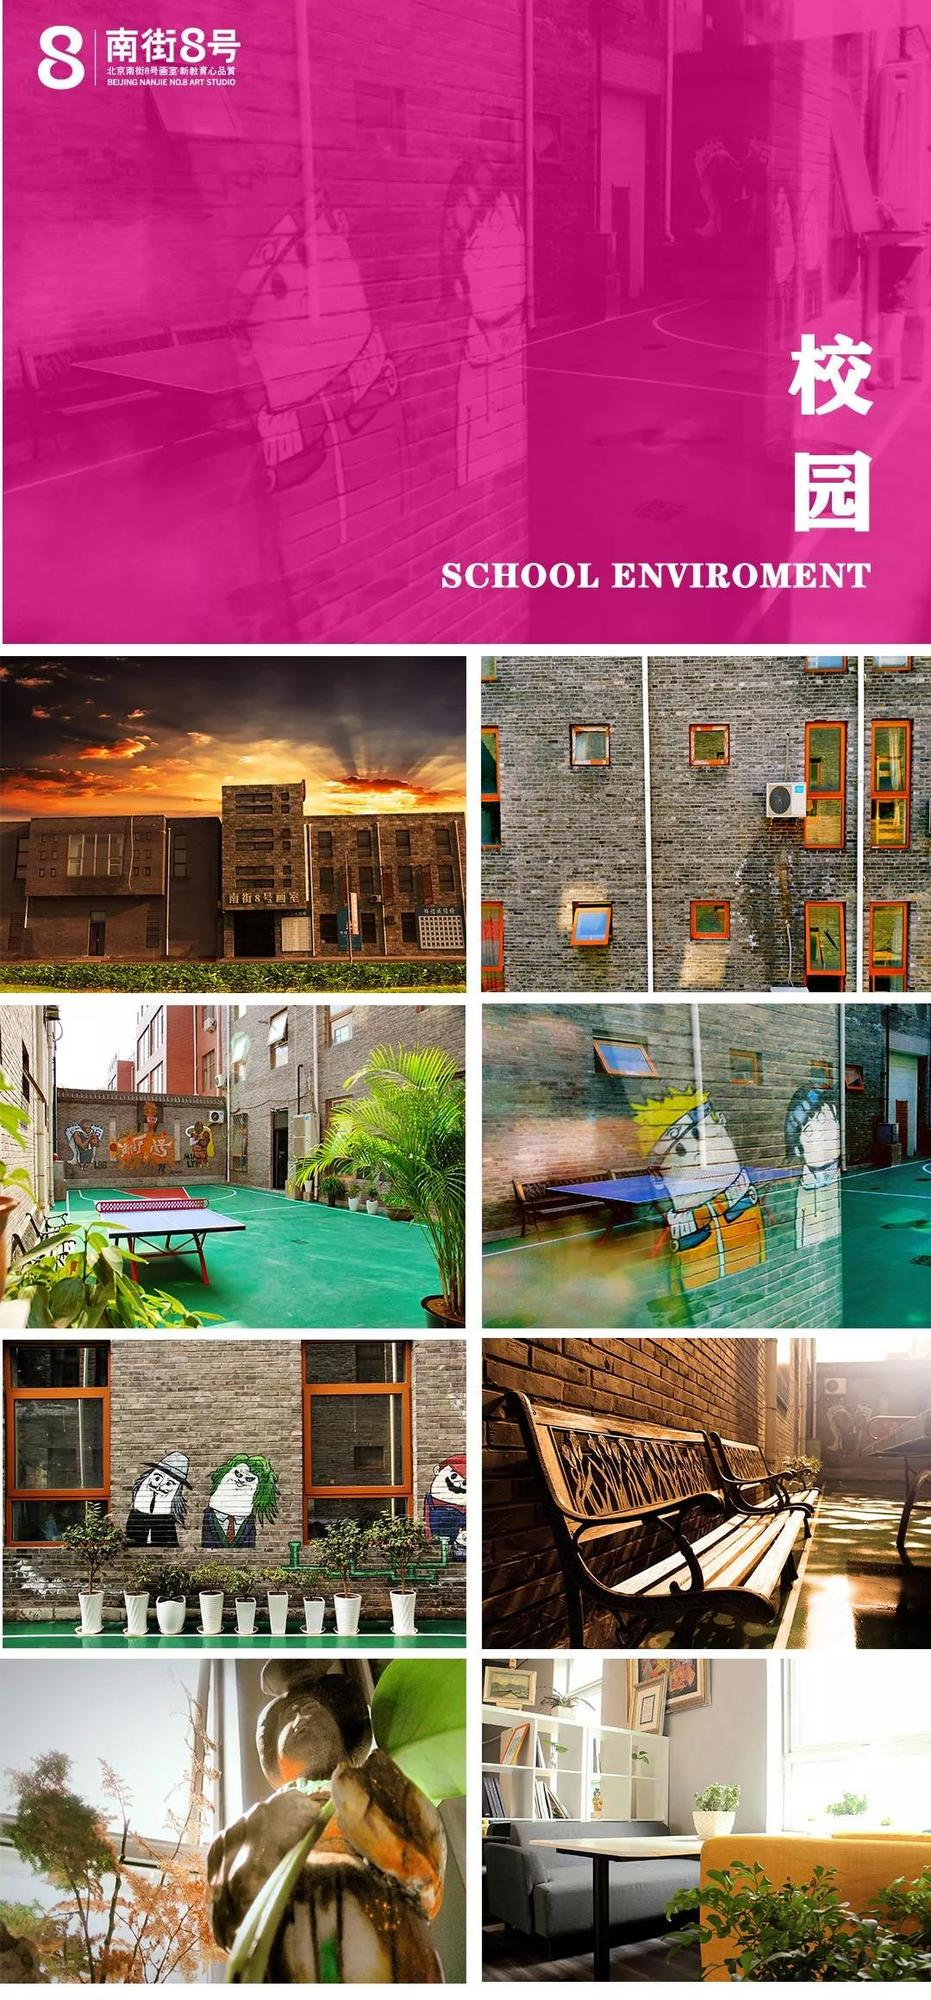 校園環境.jpg